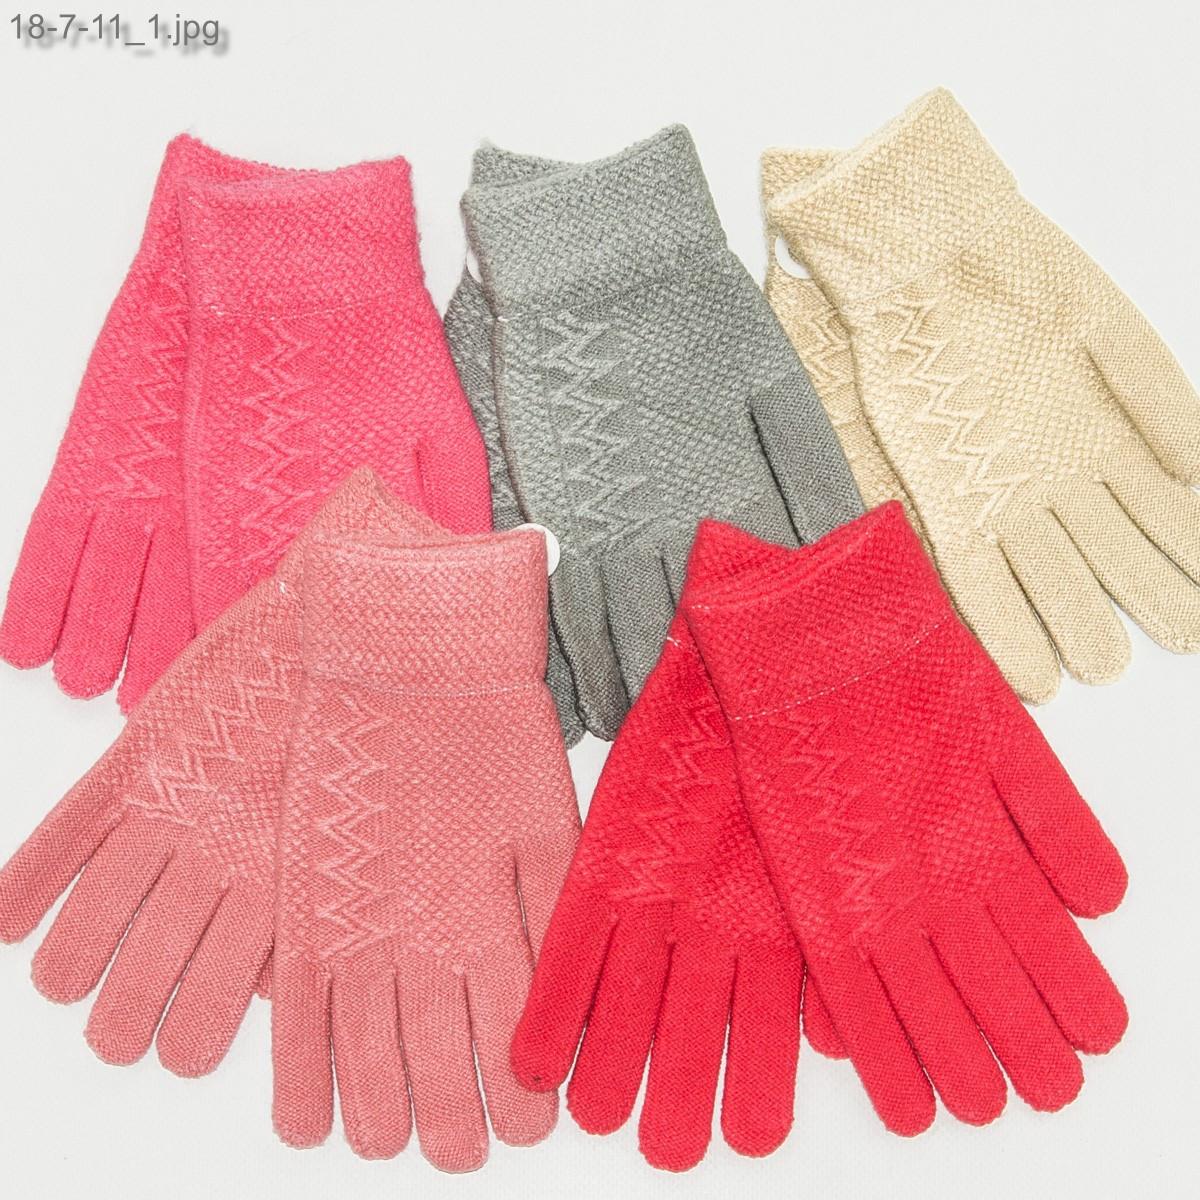 Перчатки для девочек 7-11 лет - №18-7-11